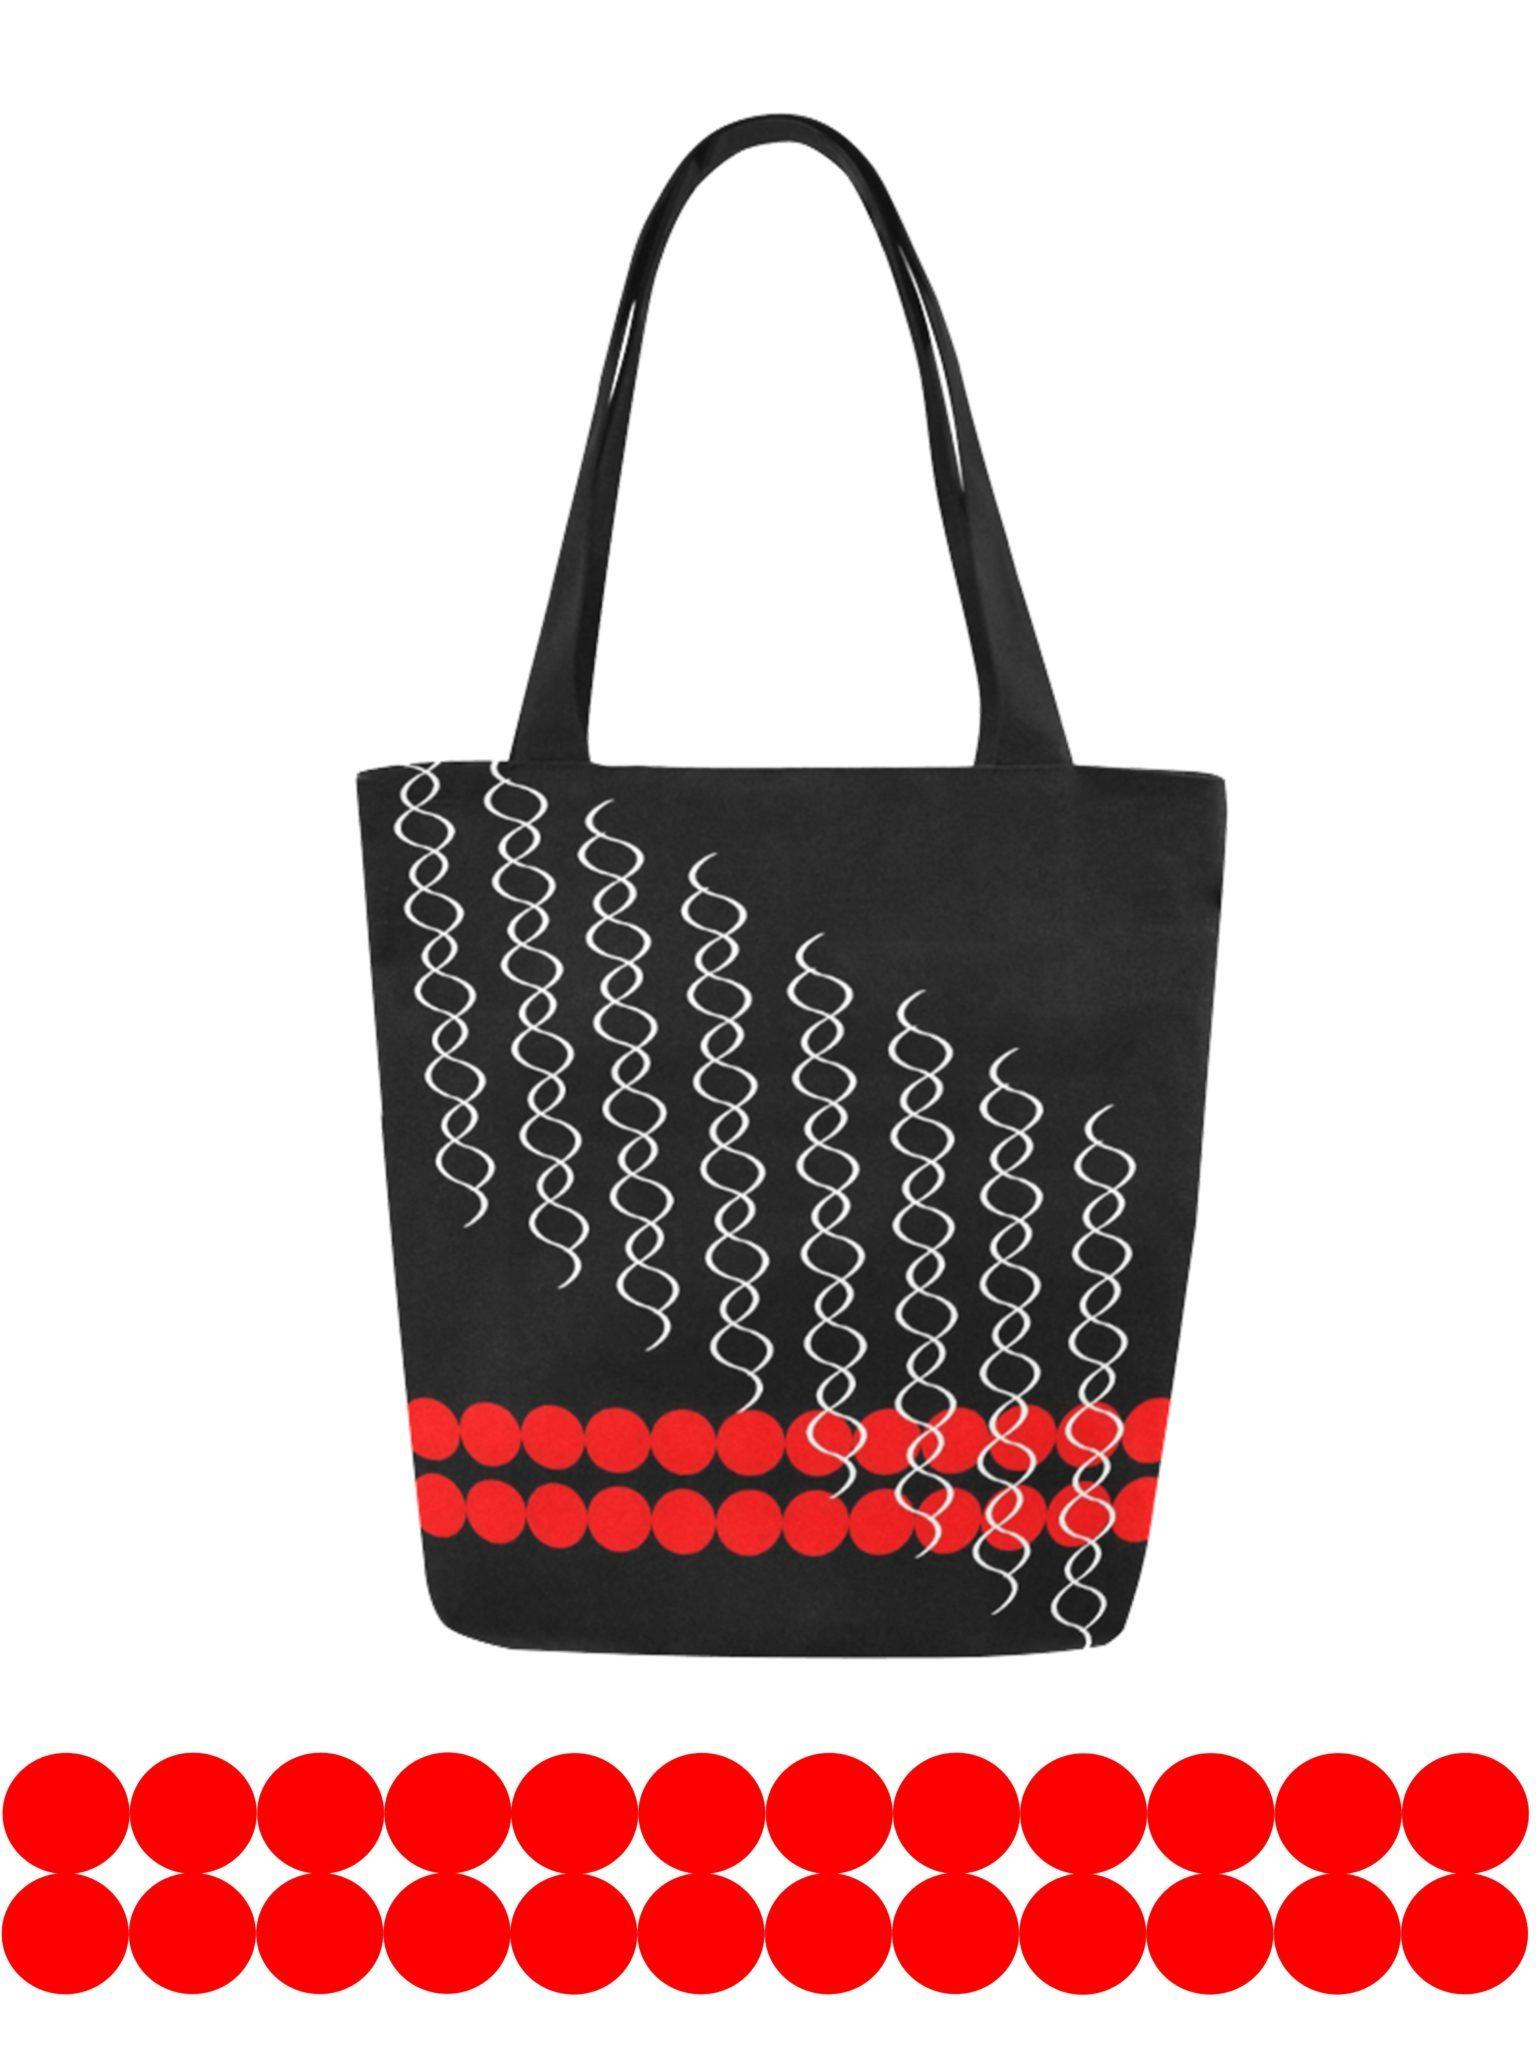 mod pop canvas tote bag original illustration kayci garline wheatley. Black Bedroom Furniture Sets. Home Design Ideas